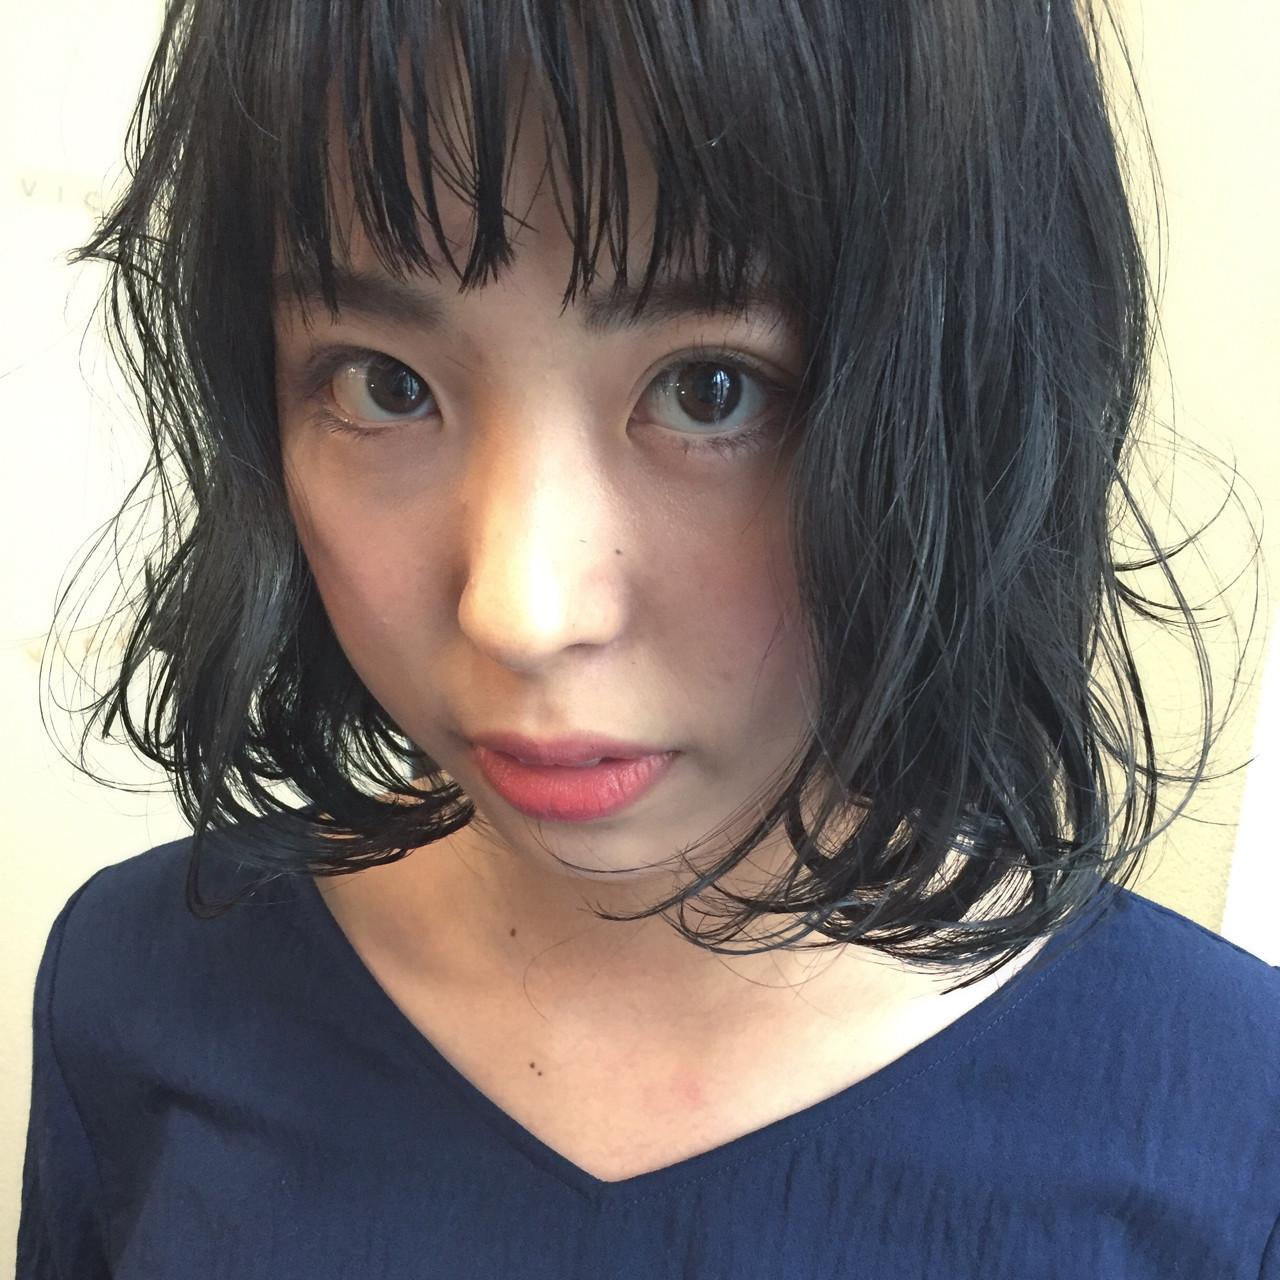 オン眉×黒髪は大人かわいいゆるふわがおすすめ★ 田渕 英和